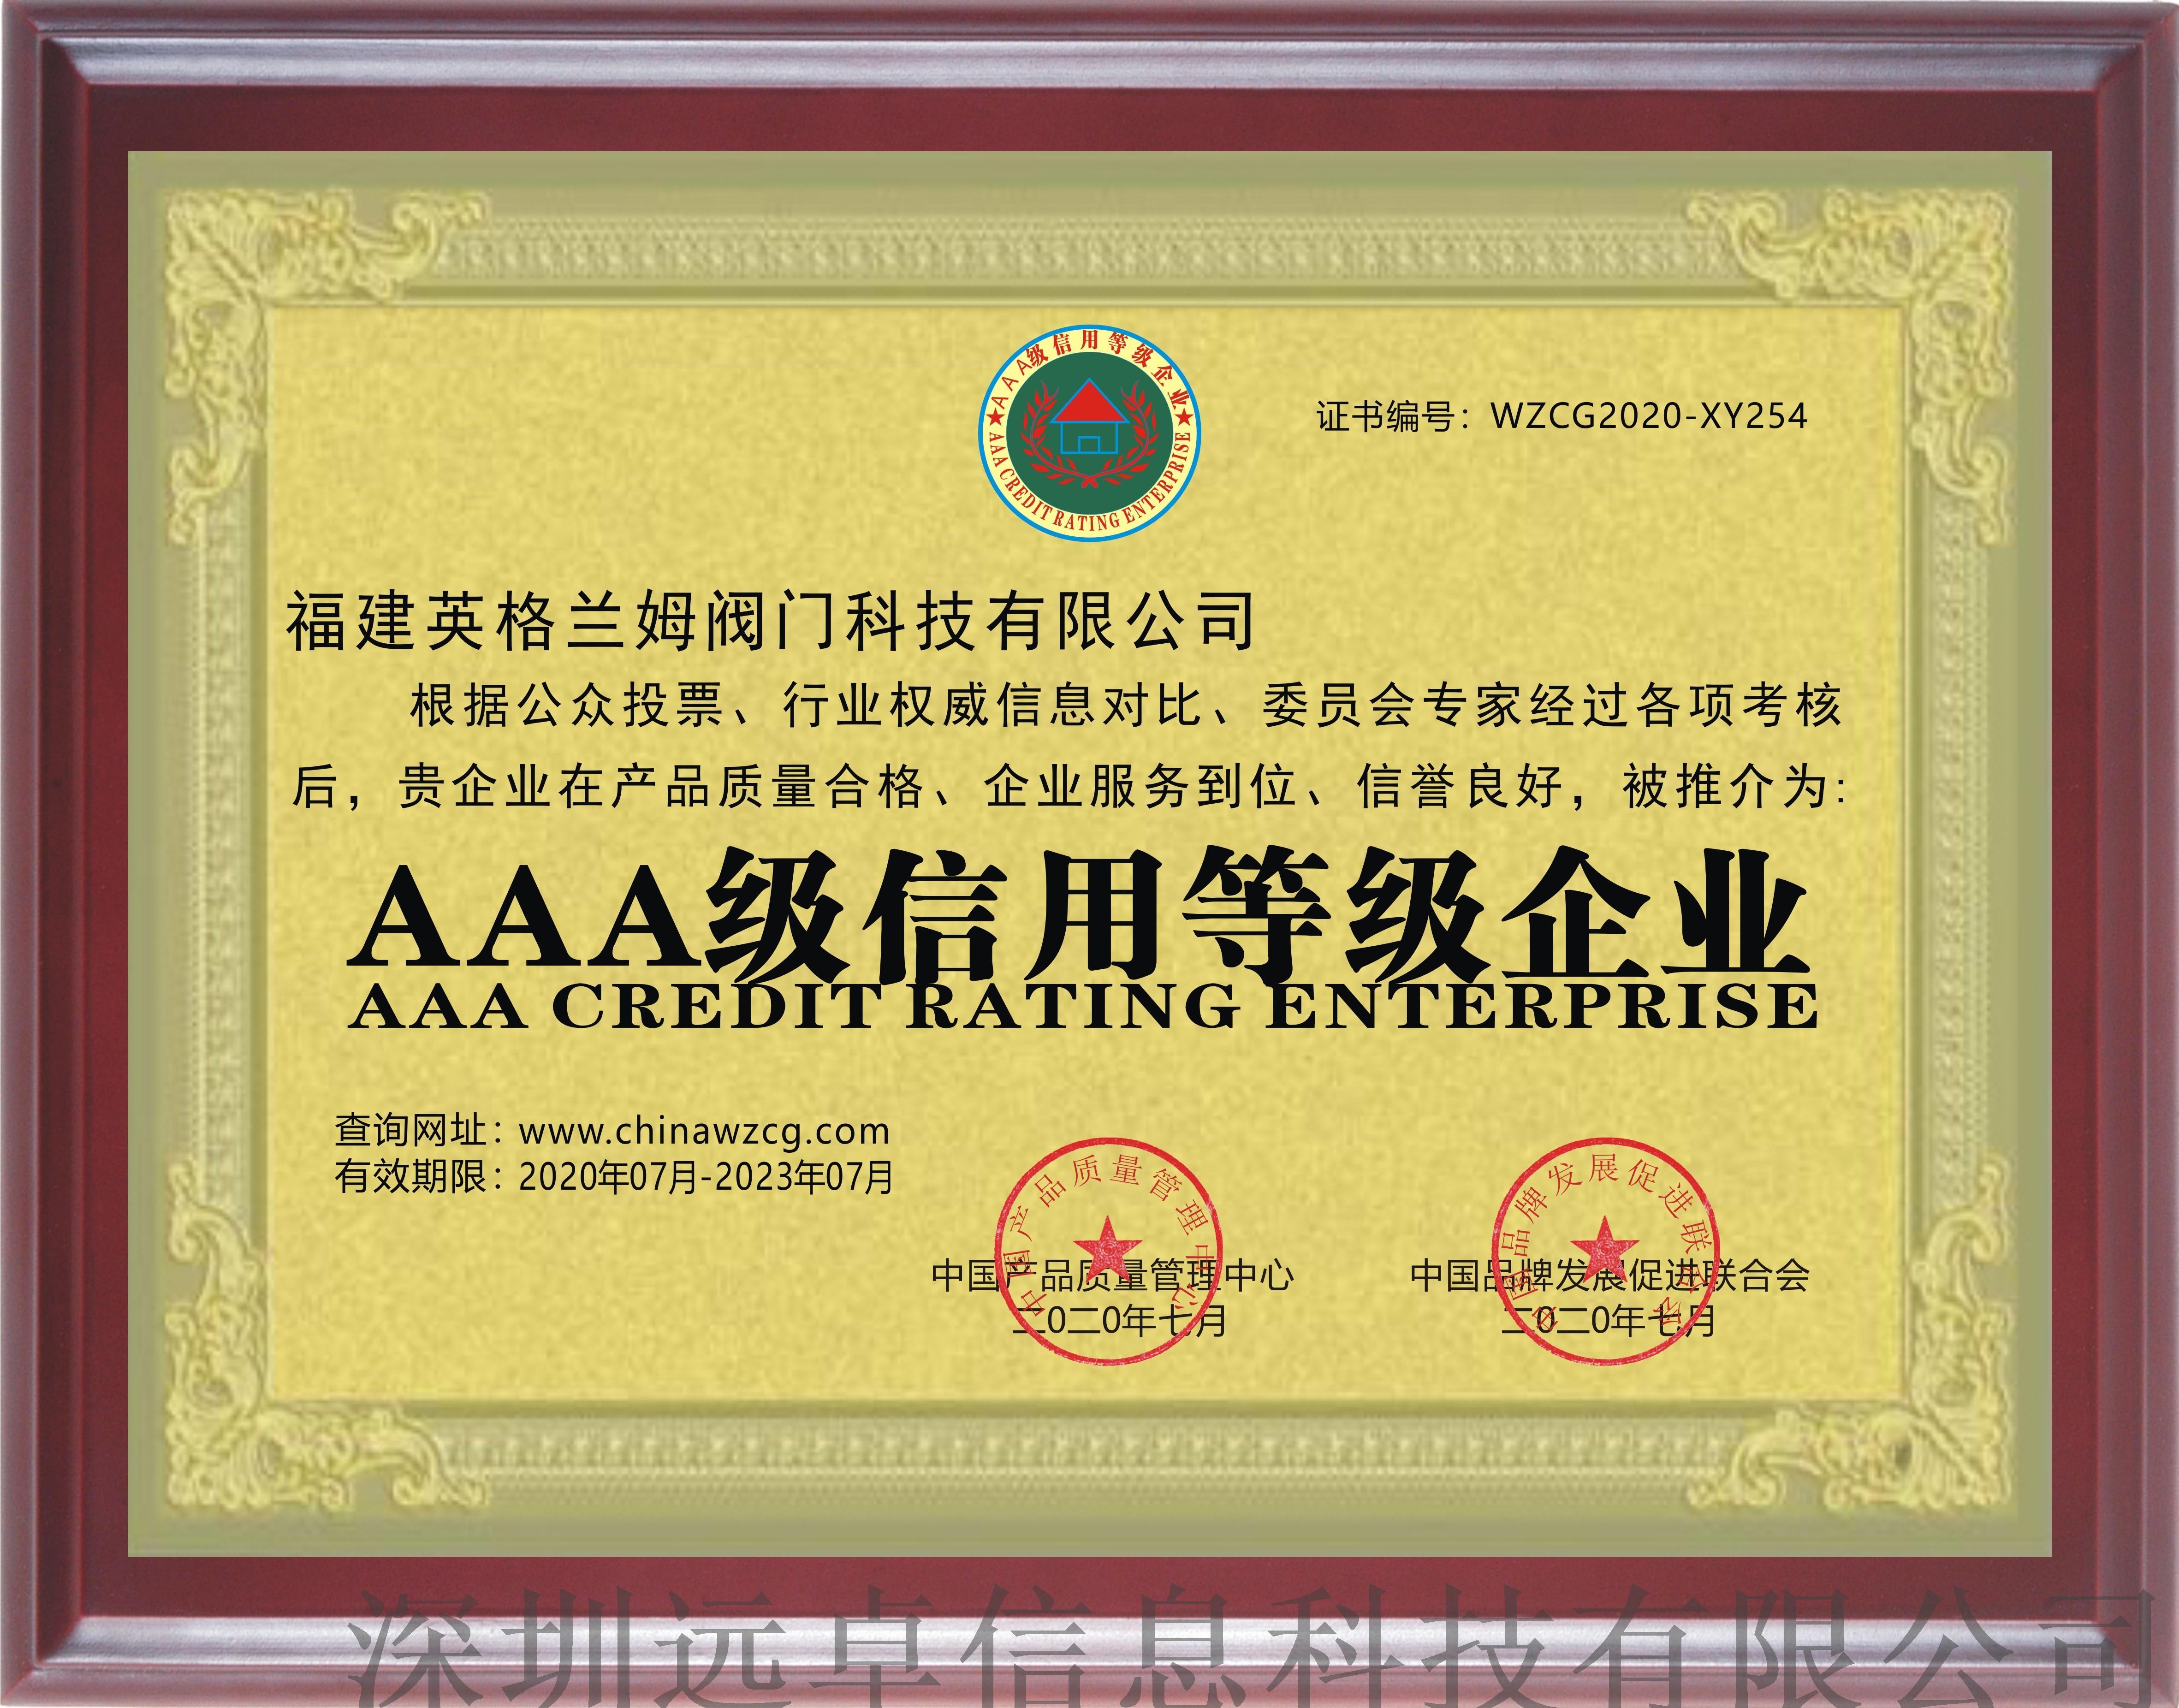 AAA级信用等级企业.jpg